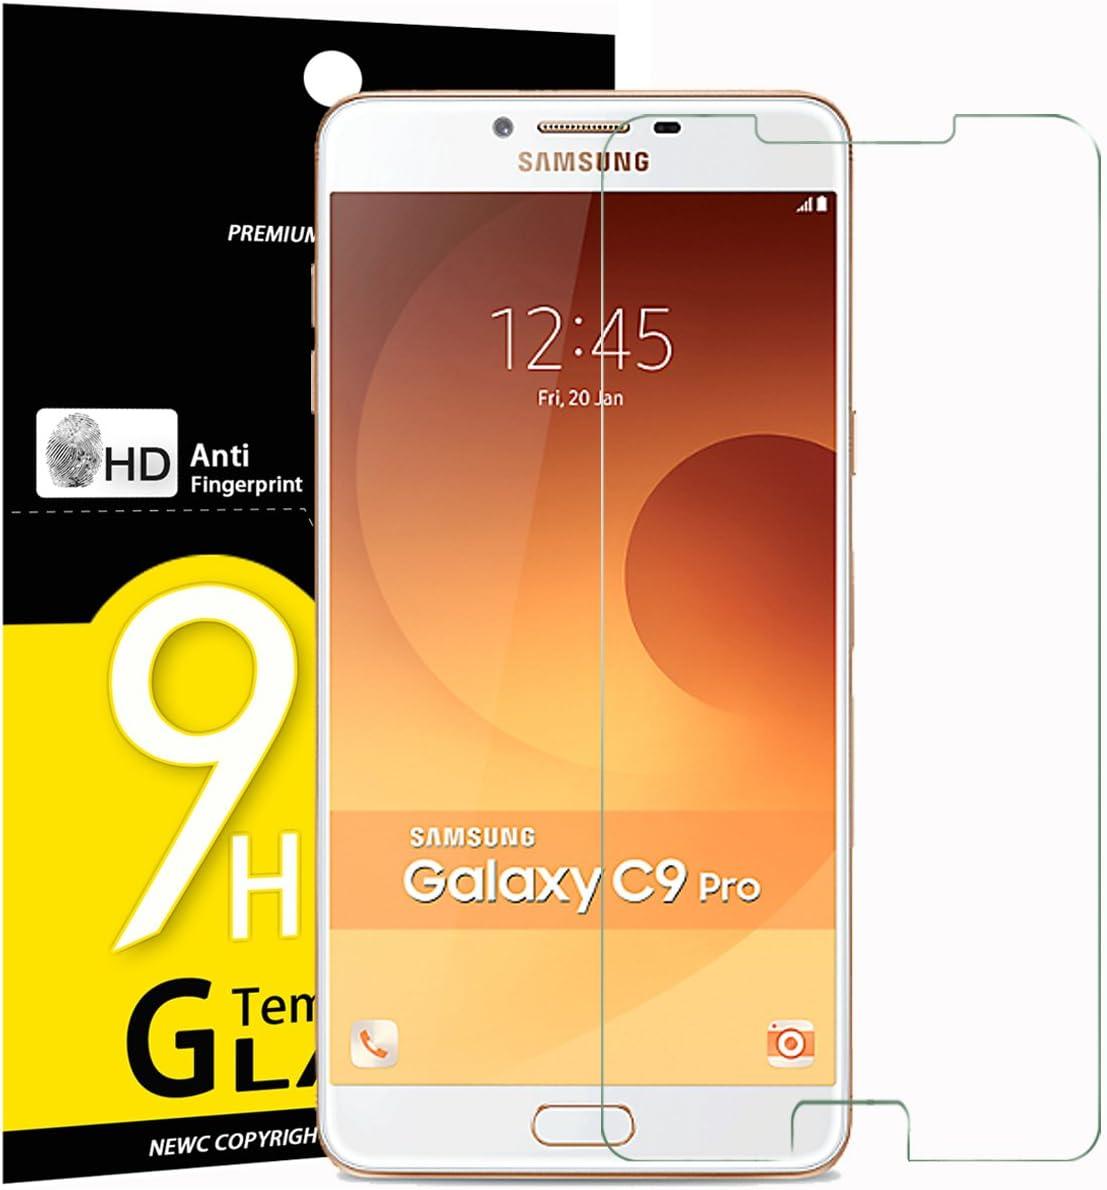 NEWC 3 Unidades, Protector de Pantalla para Samsung Galaxy C9 Pro C9000, Vidrio Cristal Templado: Amazon.es: Electrónica